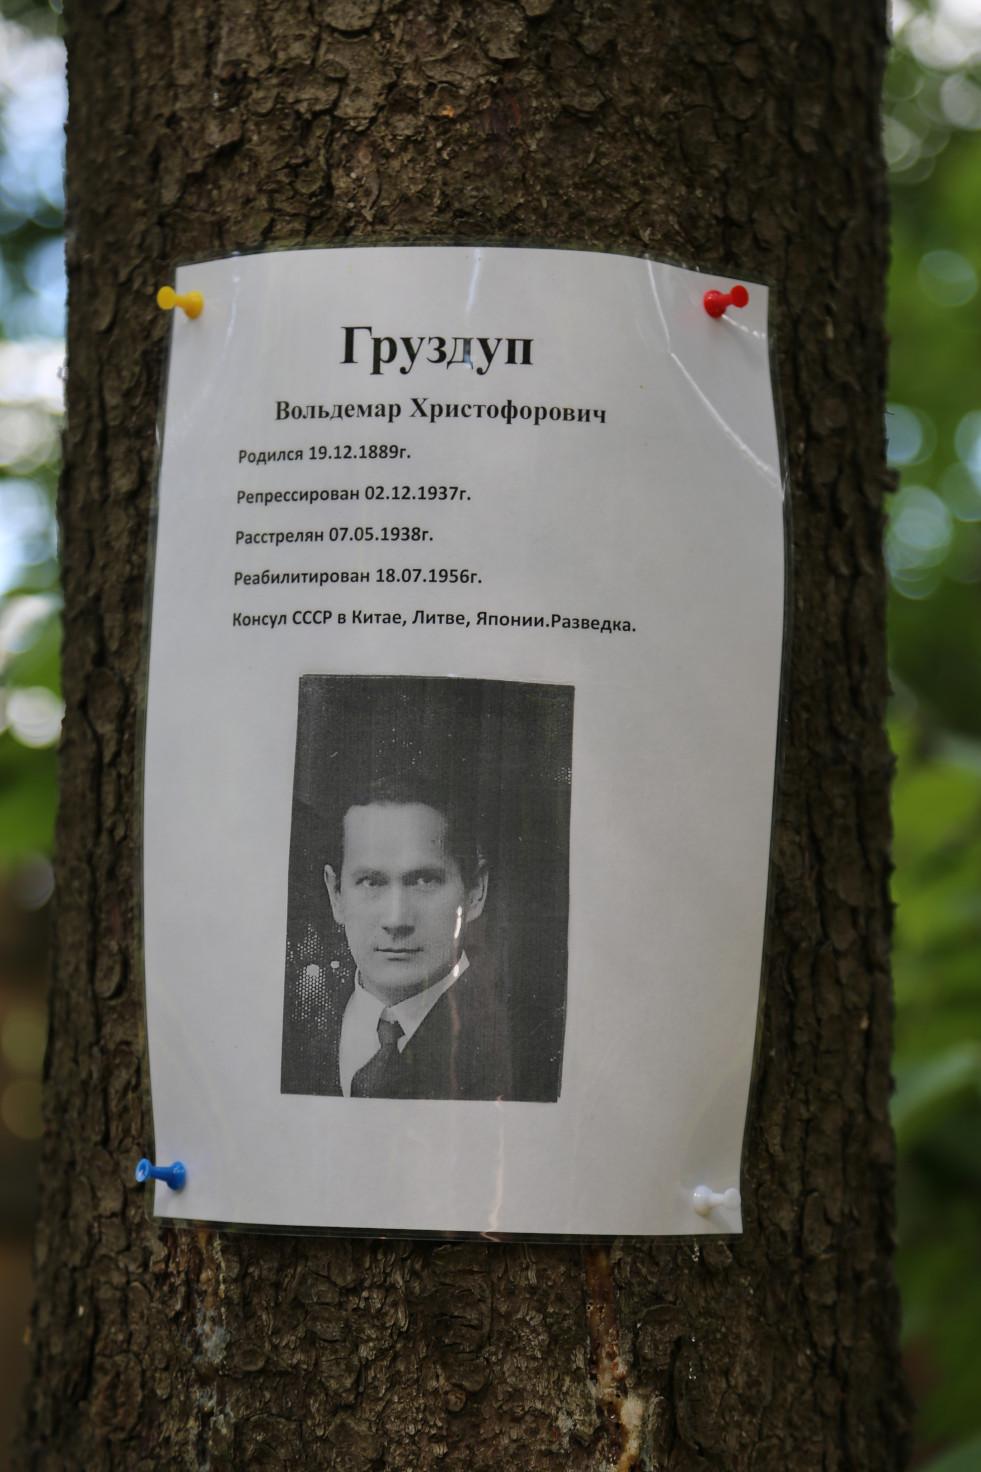 Памятный знак В.Х. Груздупу. Фото 22.06.2018.